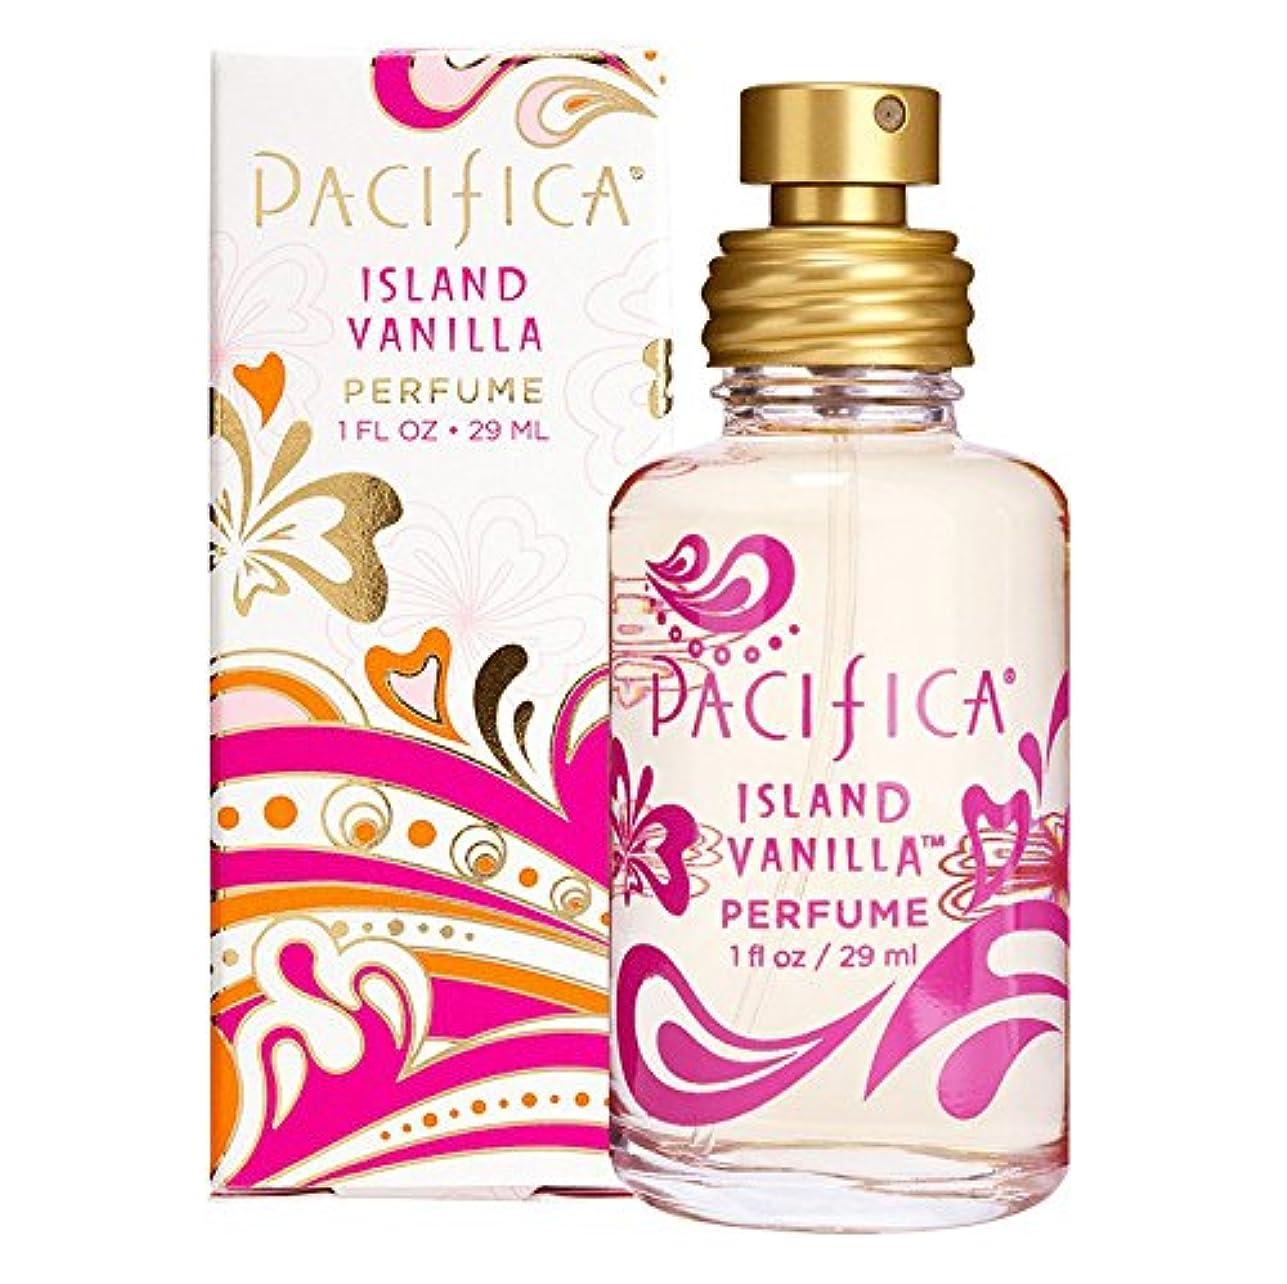 インストールブラインド式海外直送品 Pacifica Perfume Island Vanilla - 1 fl oz パシフィカパフュームアイランドバニラ(29ml)